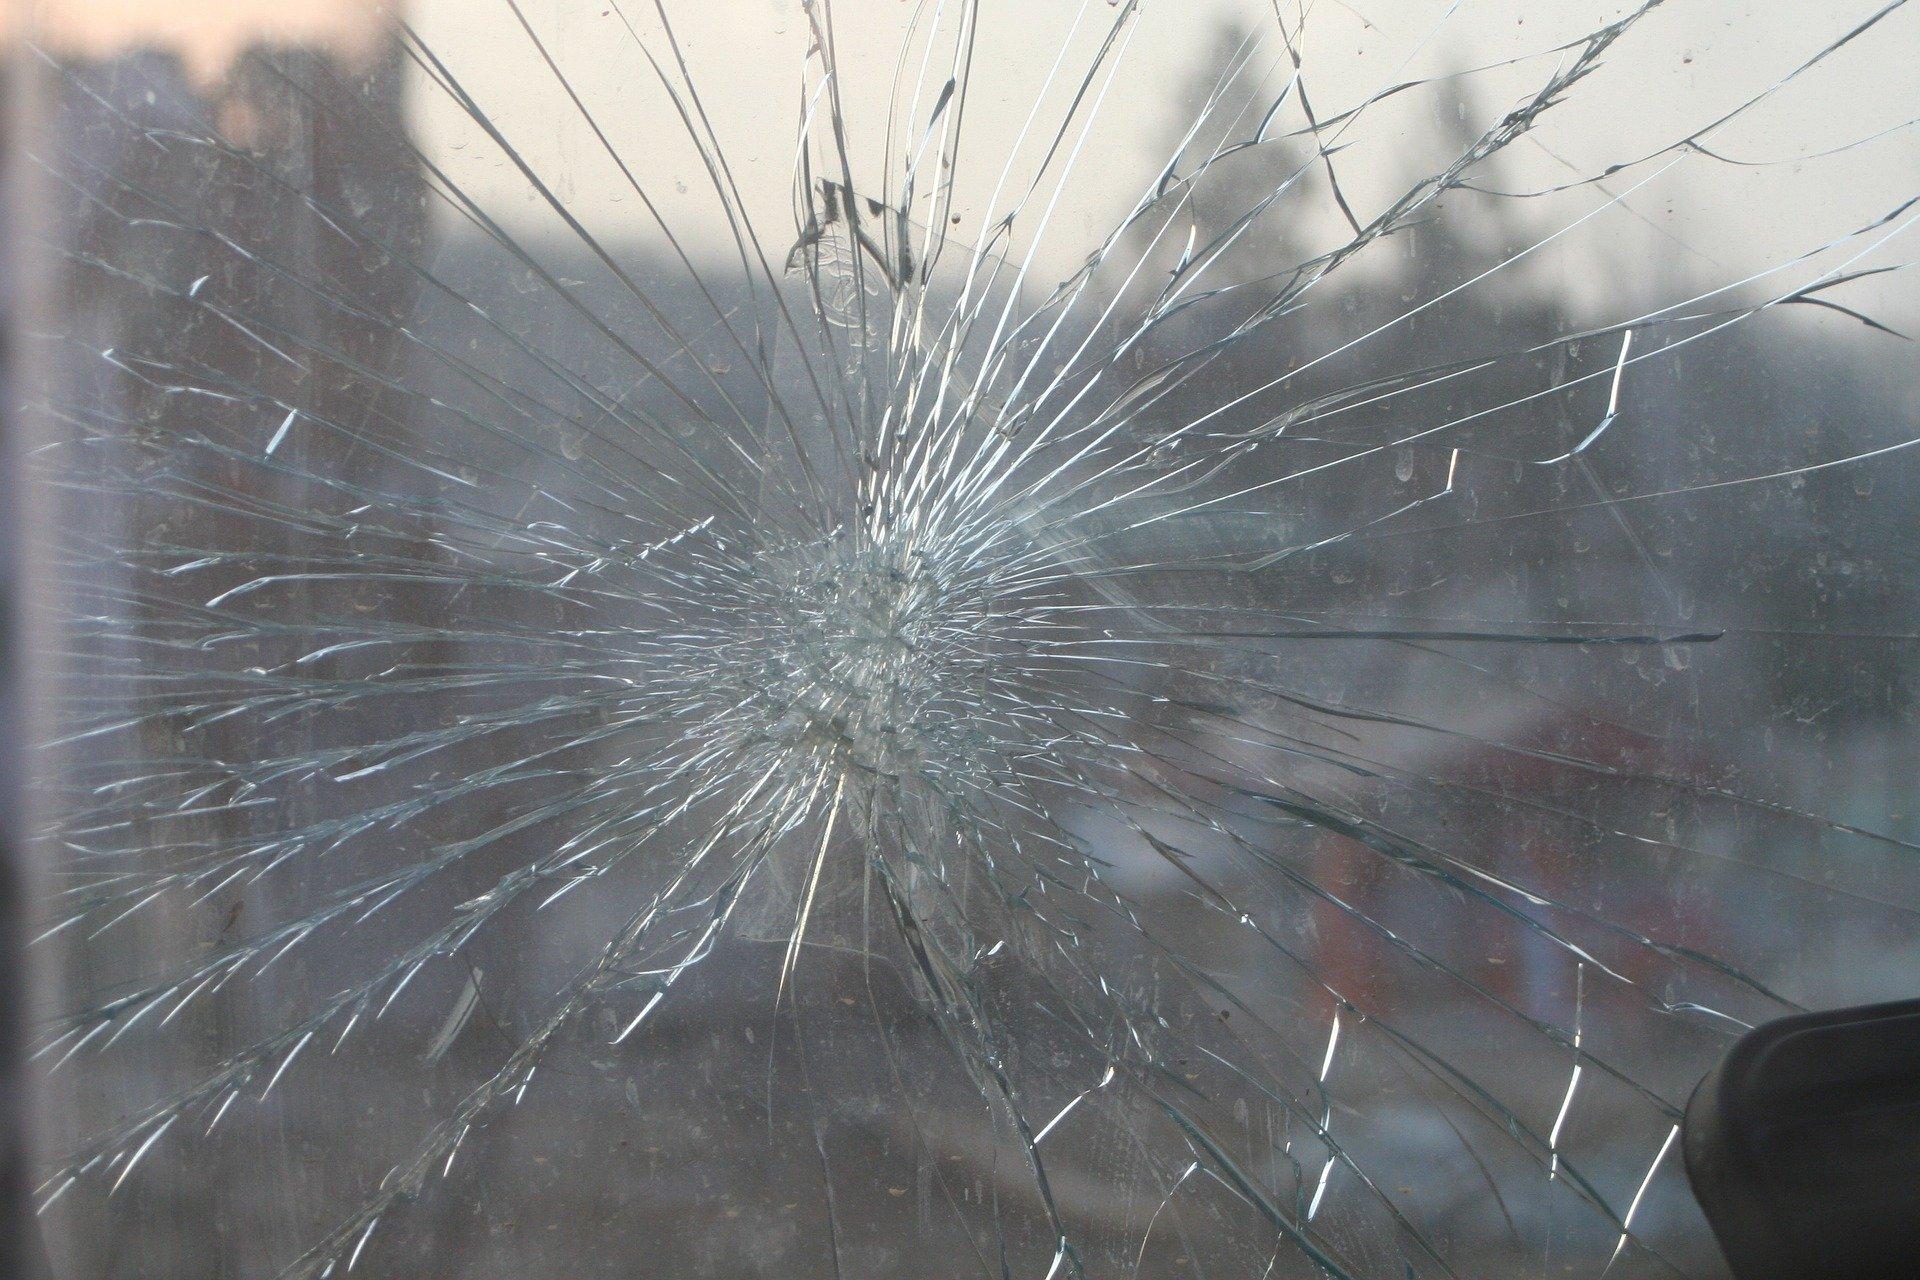 Можно ли получить штраф за трещину на стекле автомобиля?